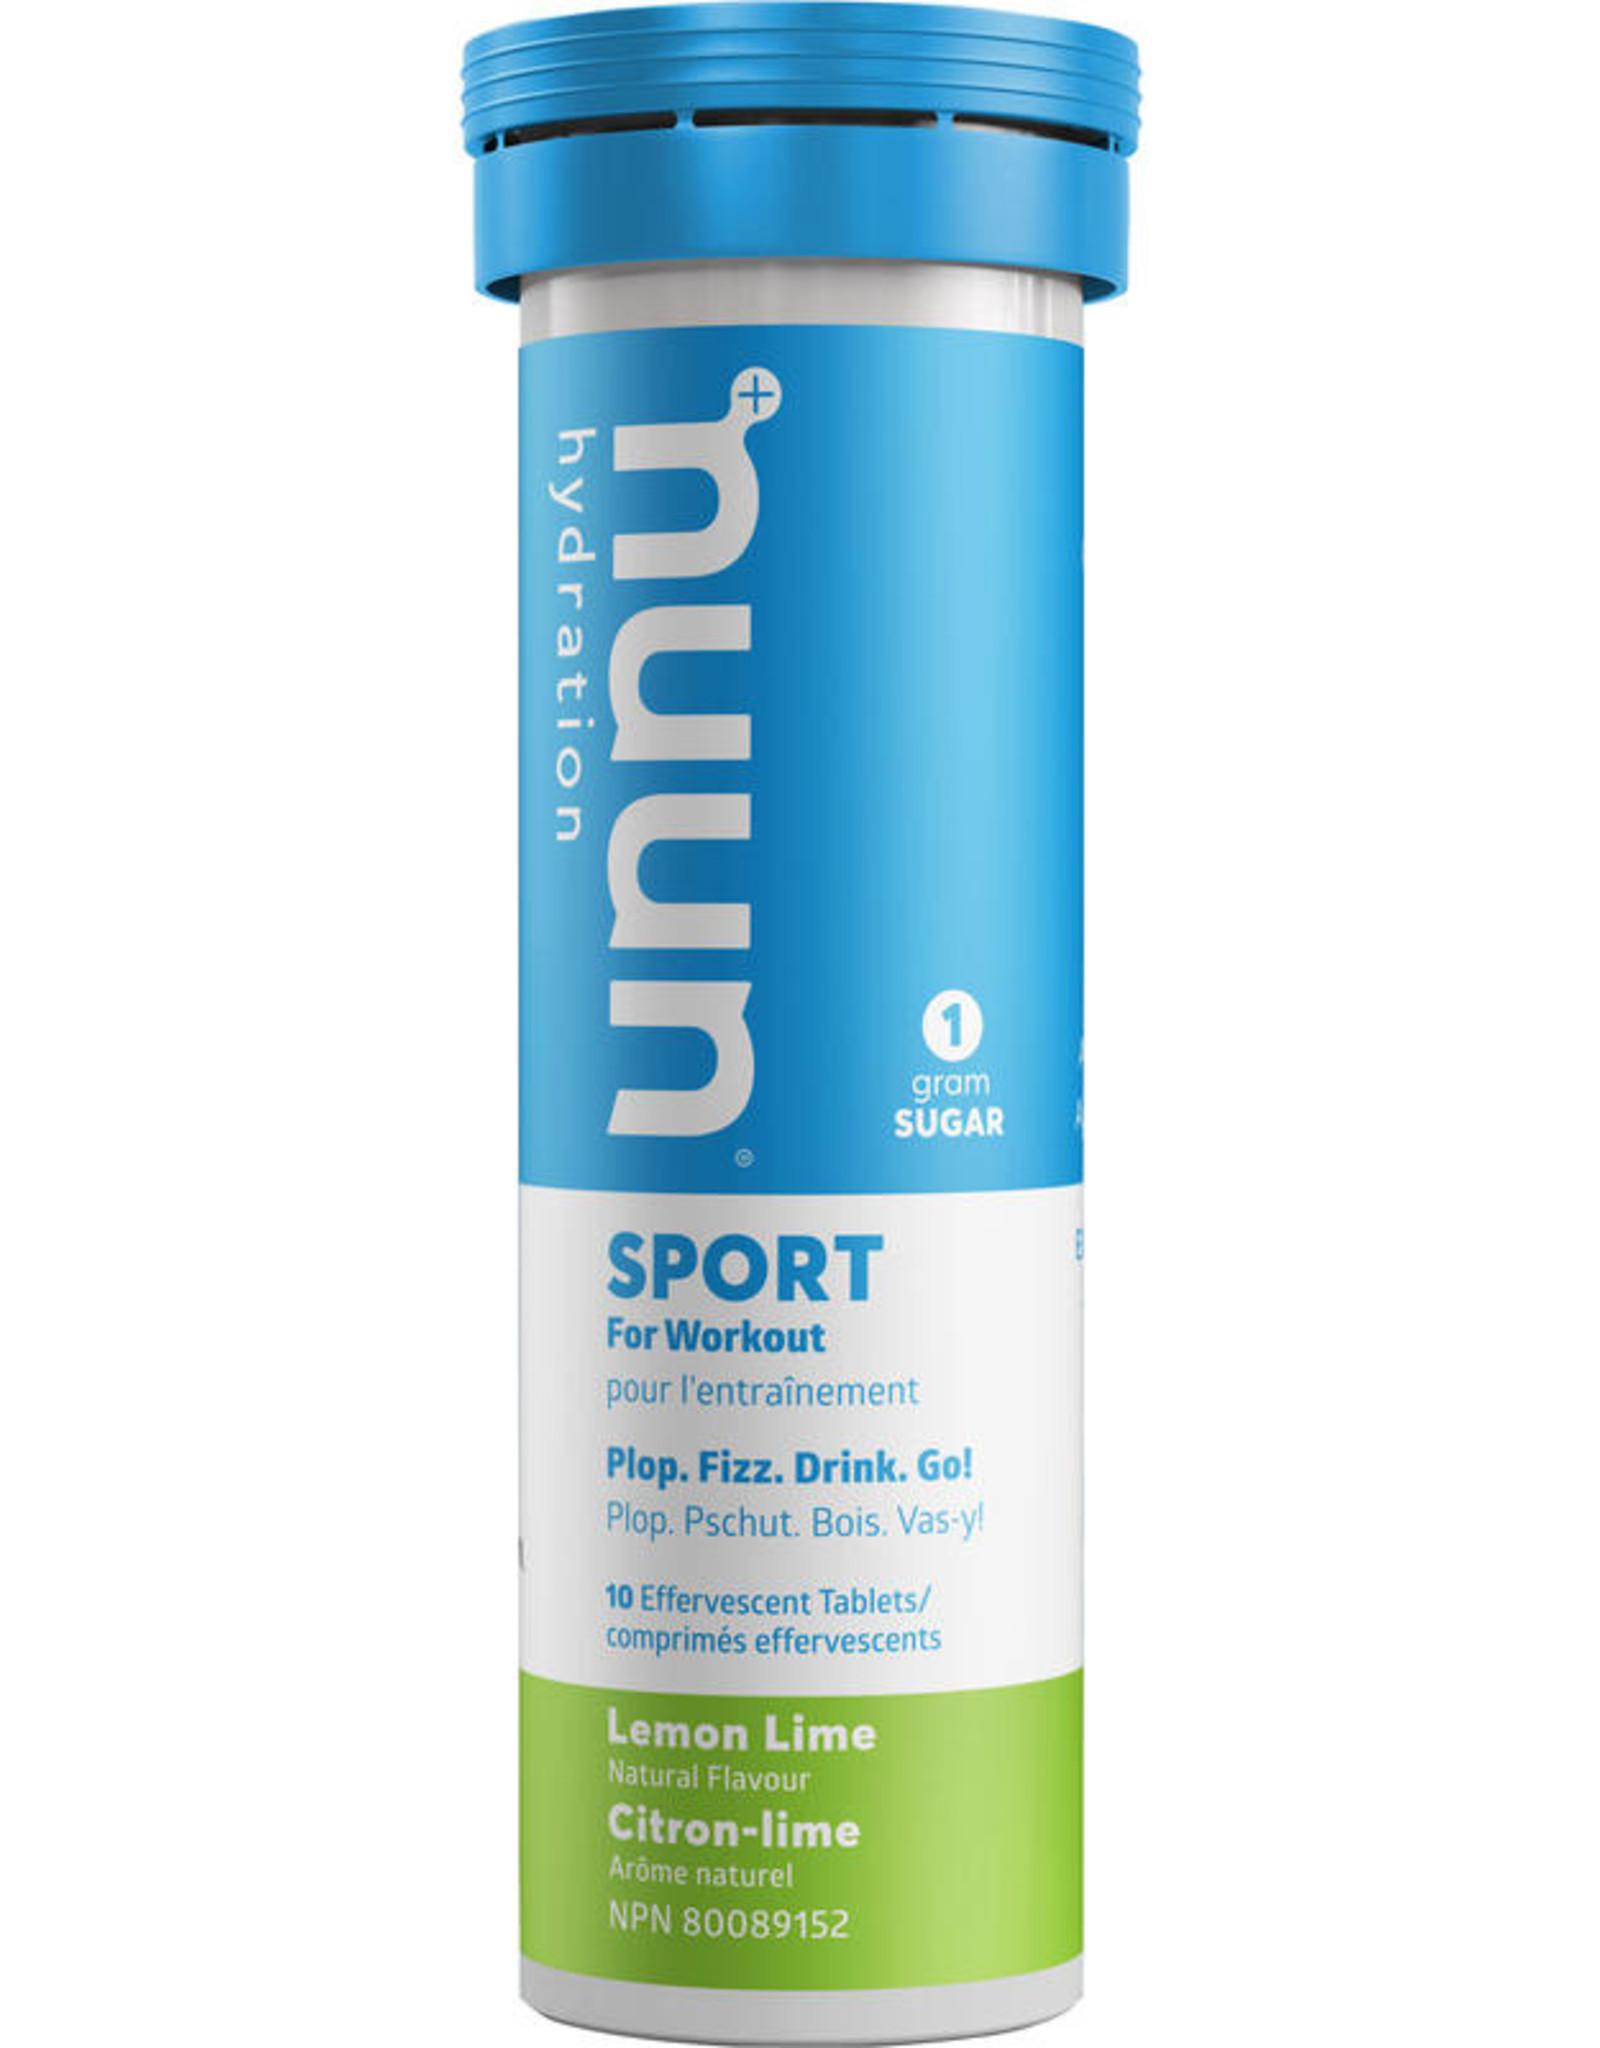 Nuun Sport Tabs single tube